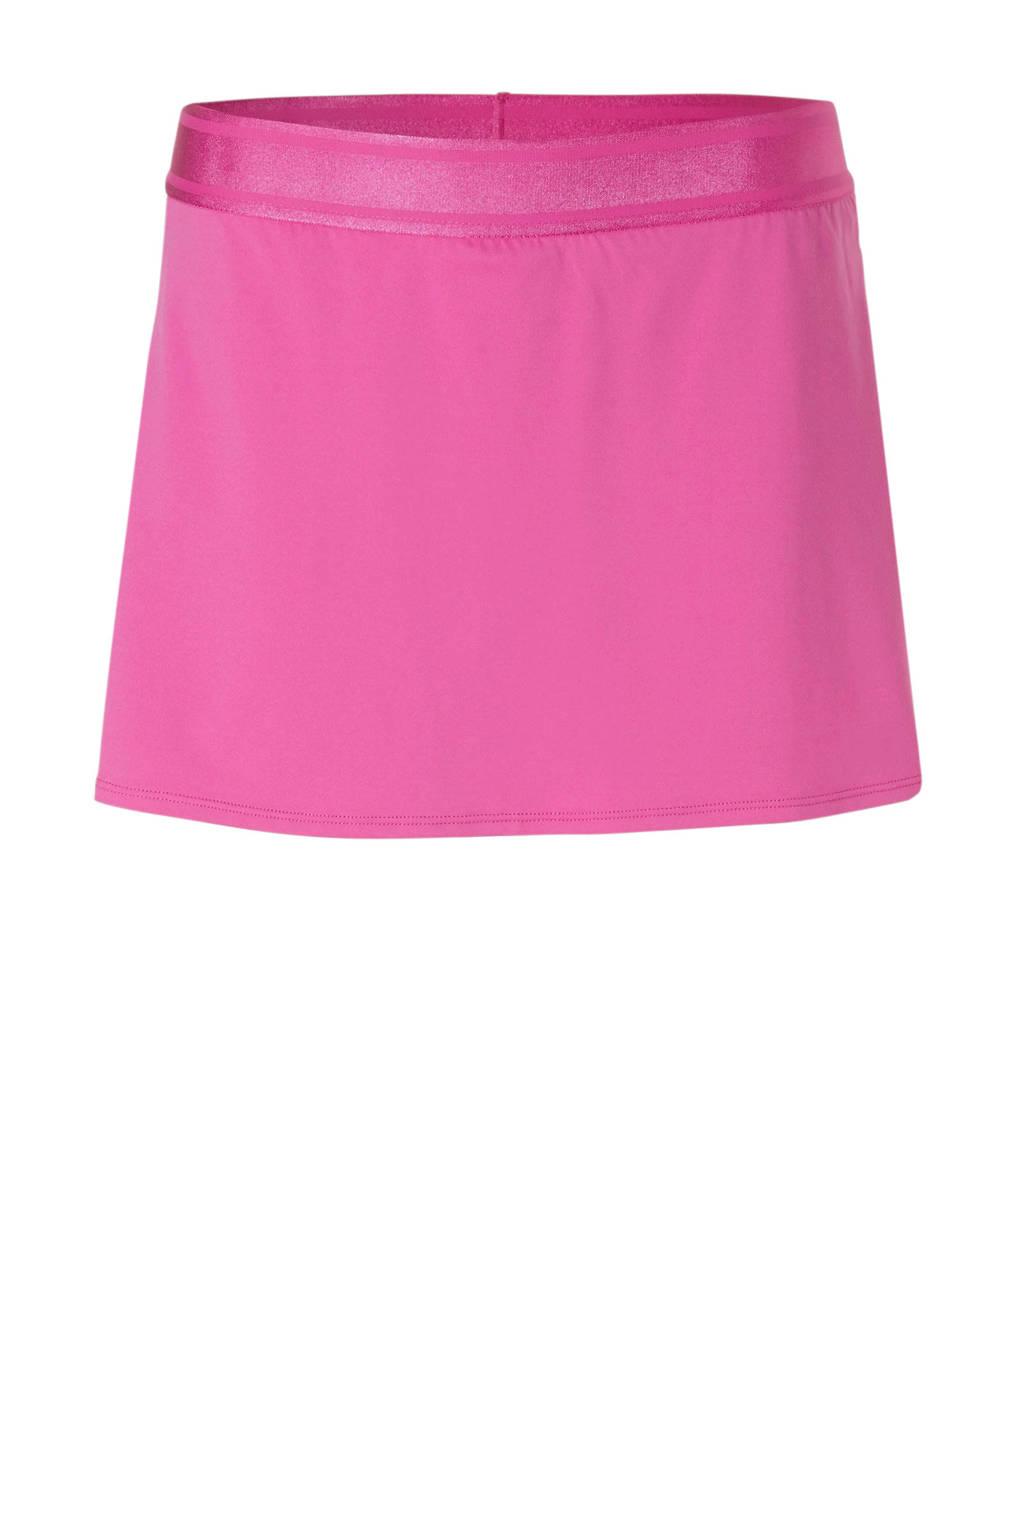 Nike sportrokje roze, Roze